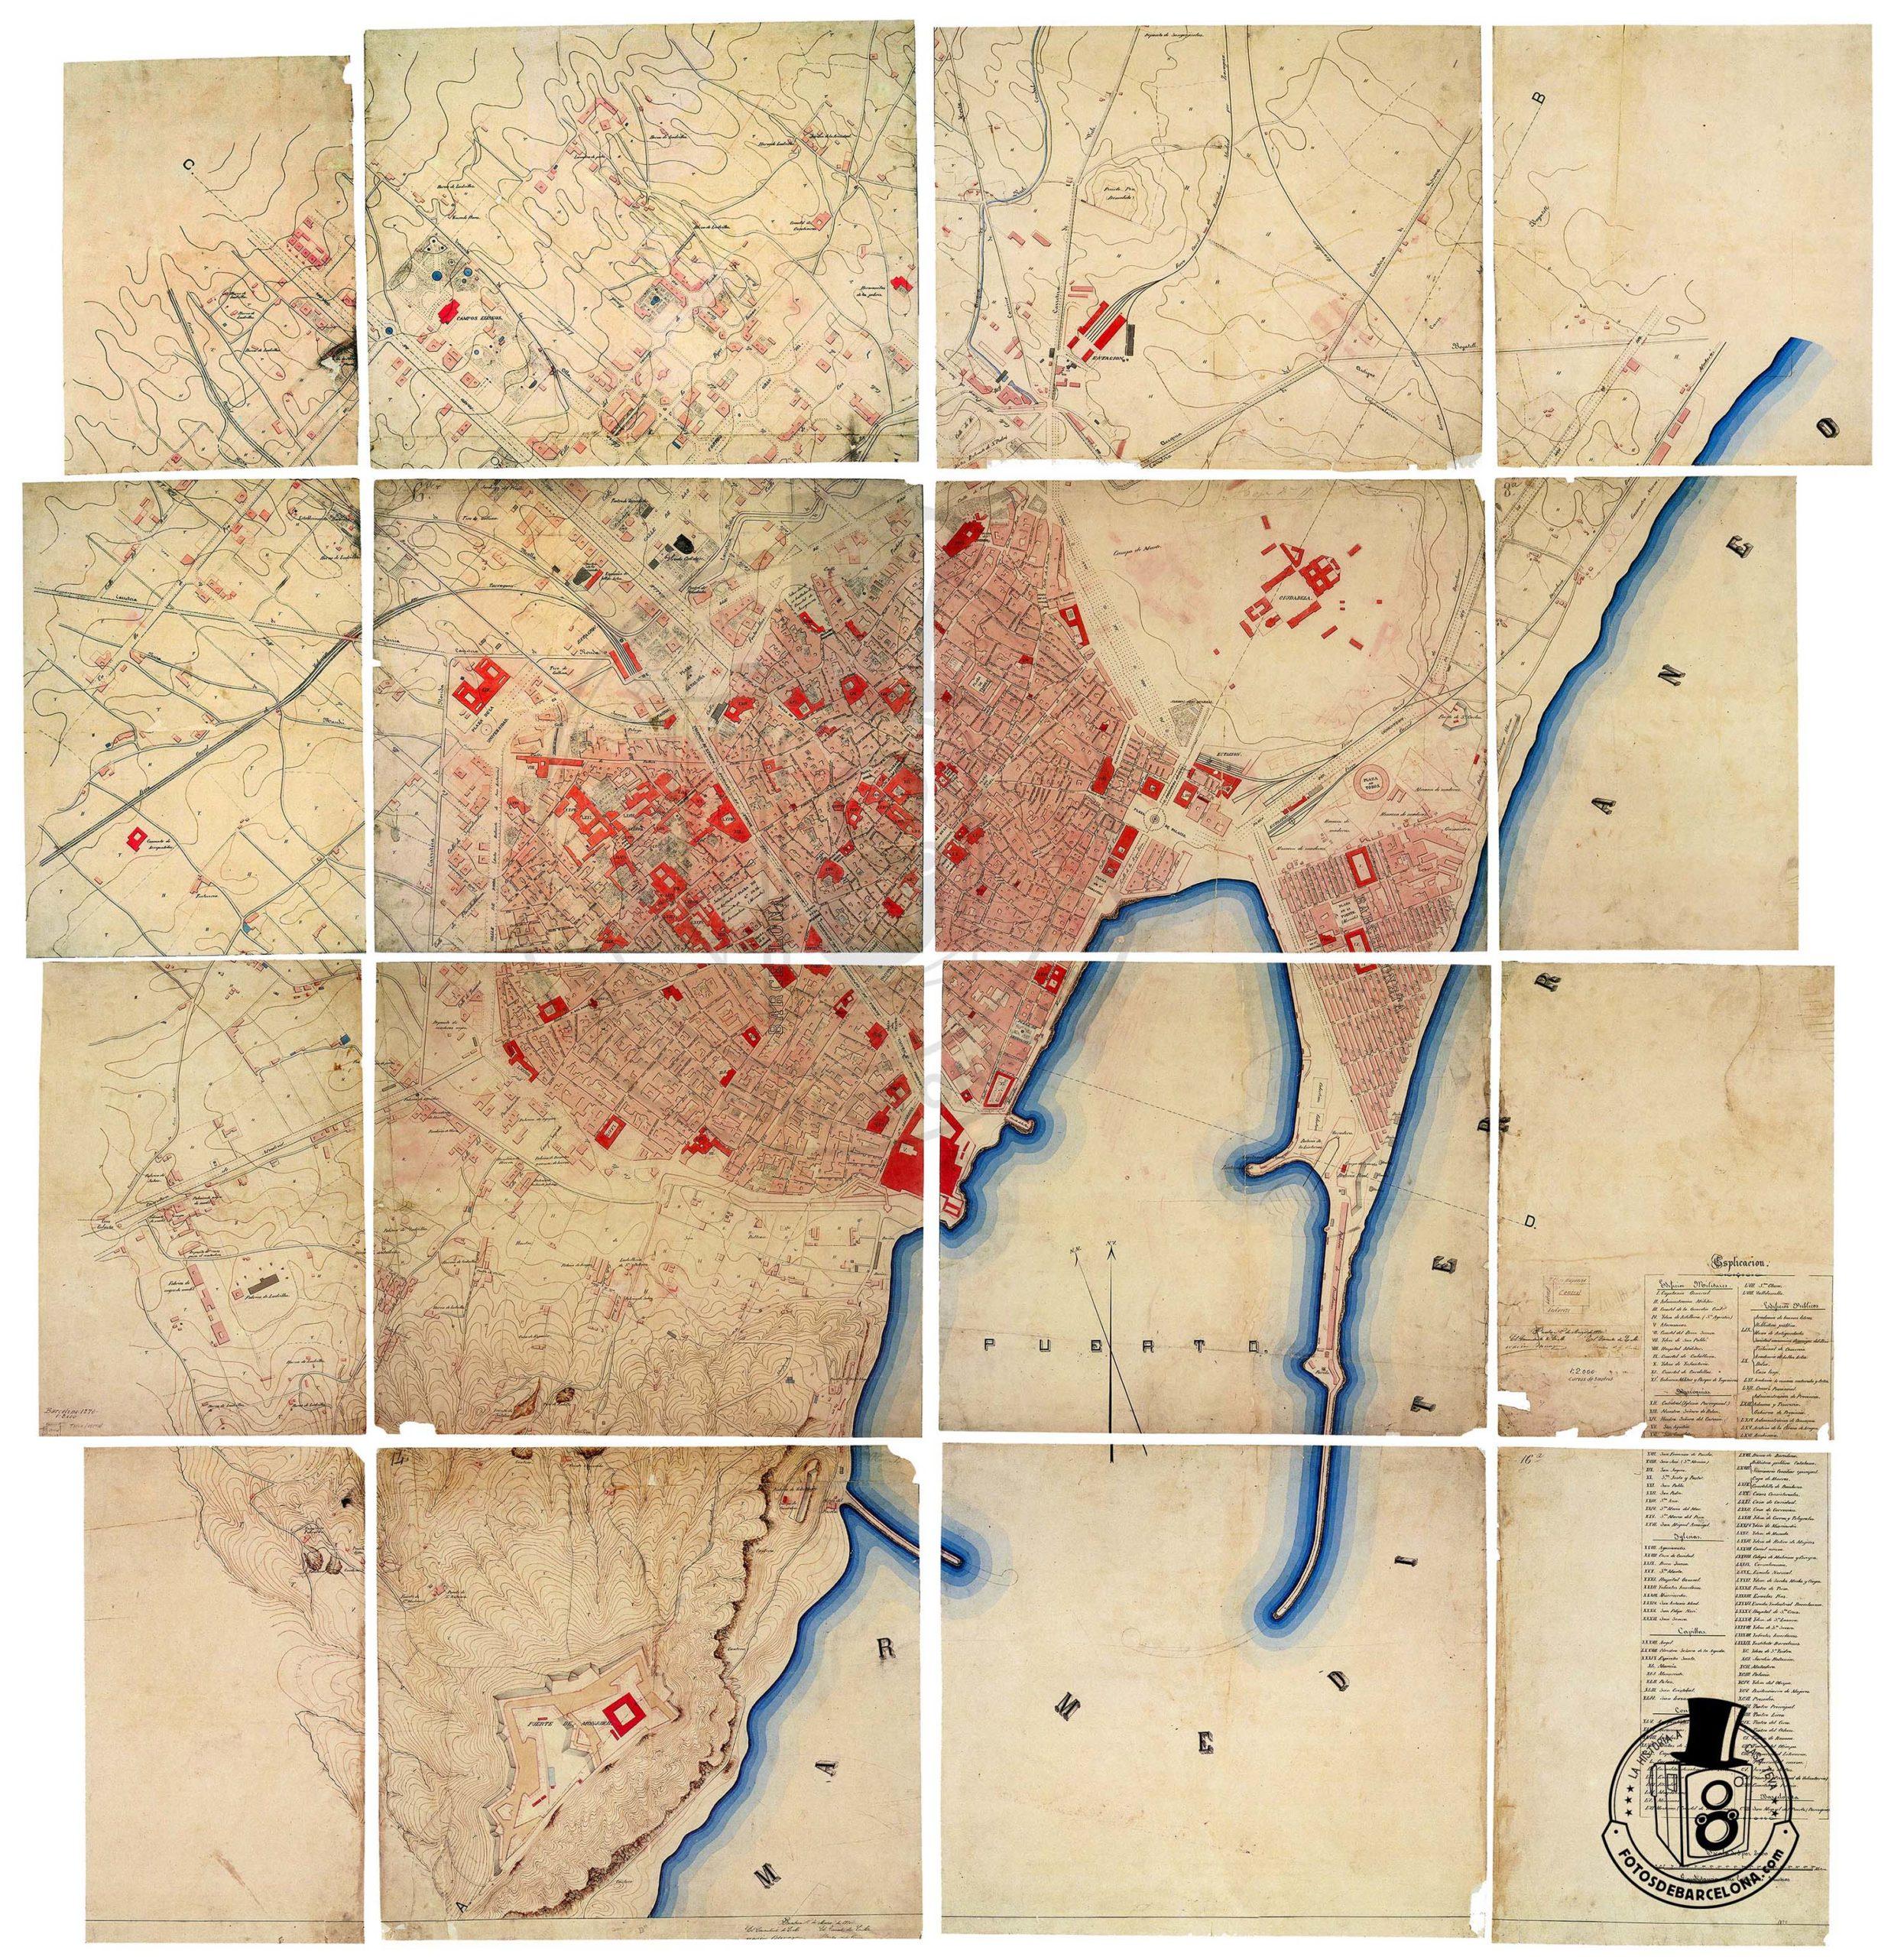 PLÀNOL DE BARCELONA 1870